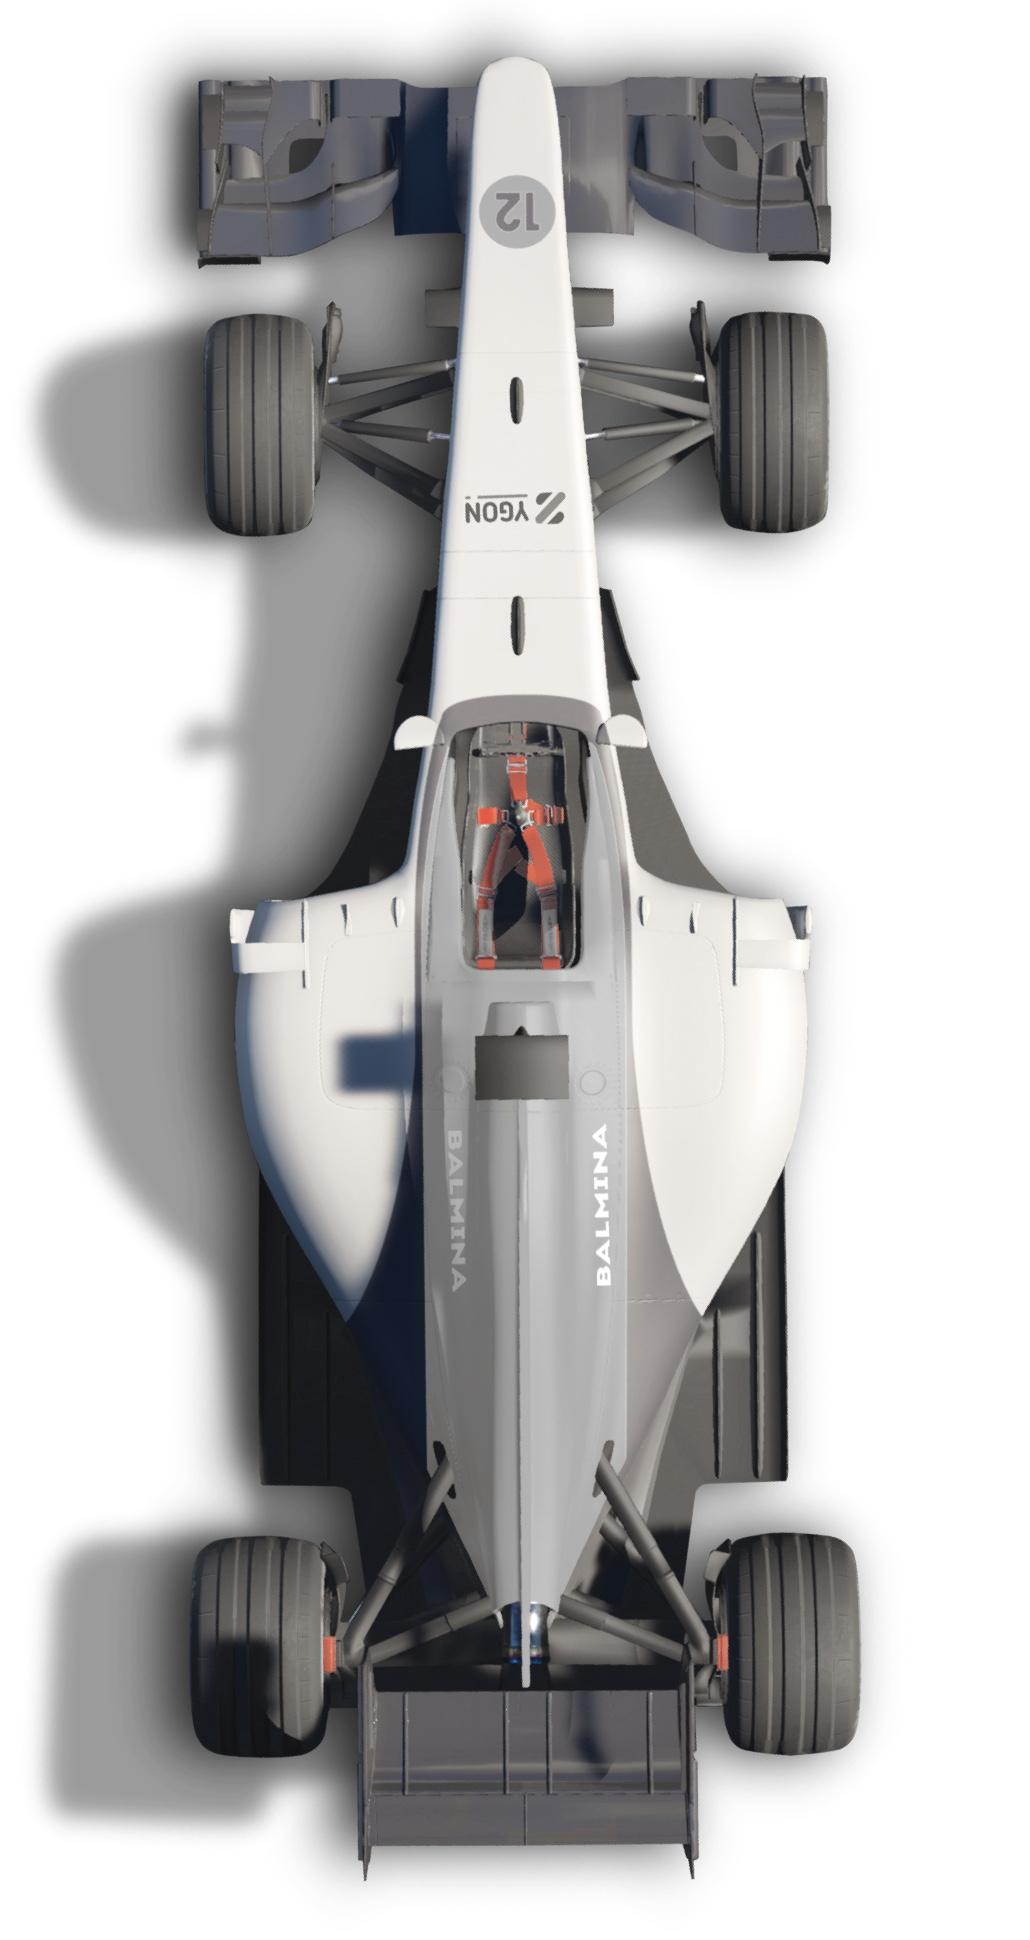 f1-car2x